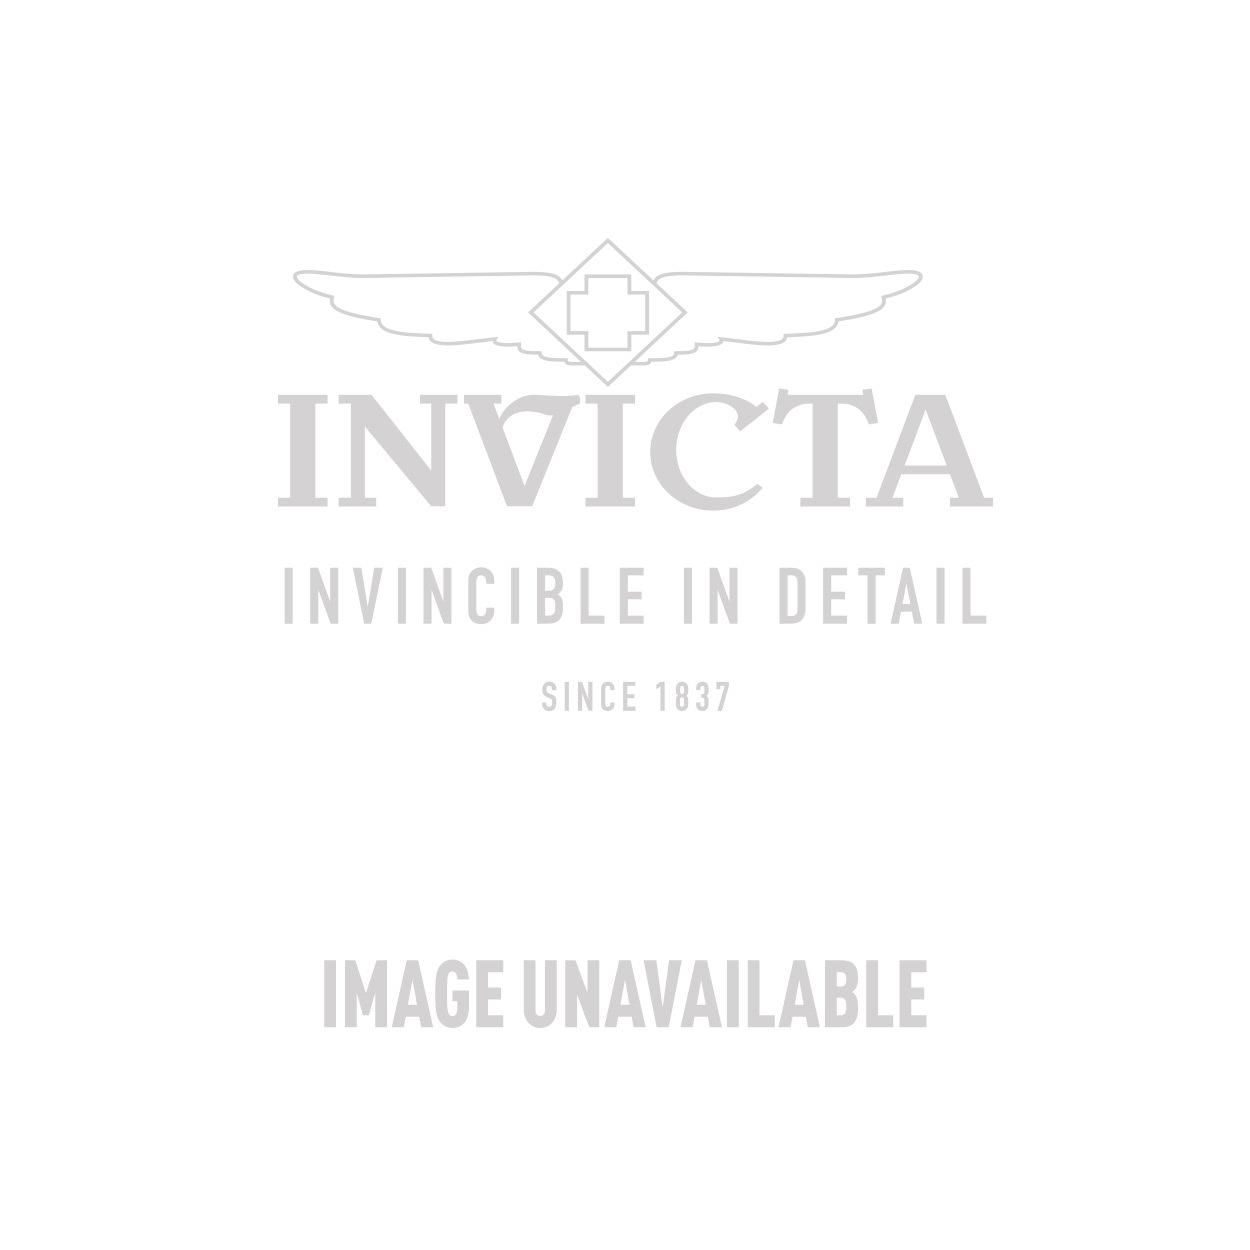 Invicta Model  25802